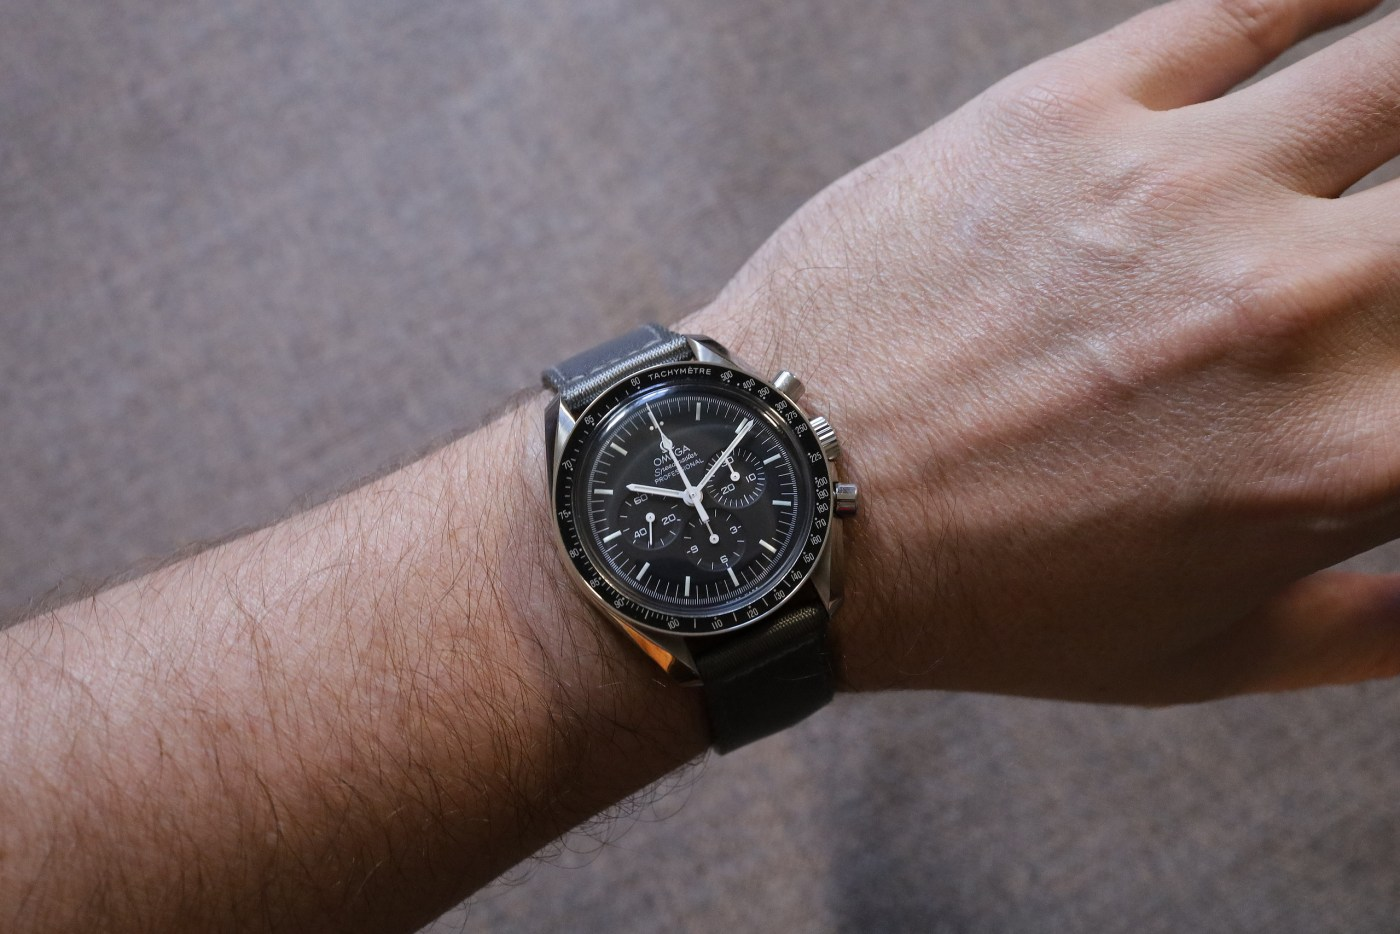 Watchbandit Two-Piece Nato Strap wristshot